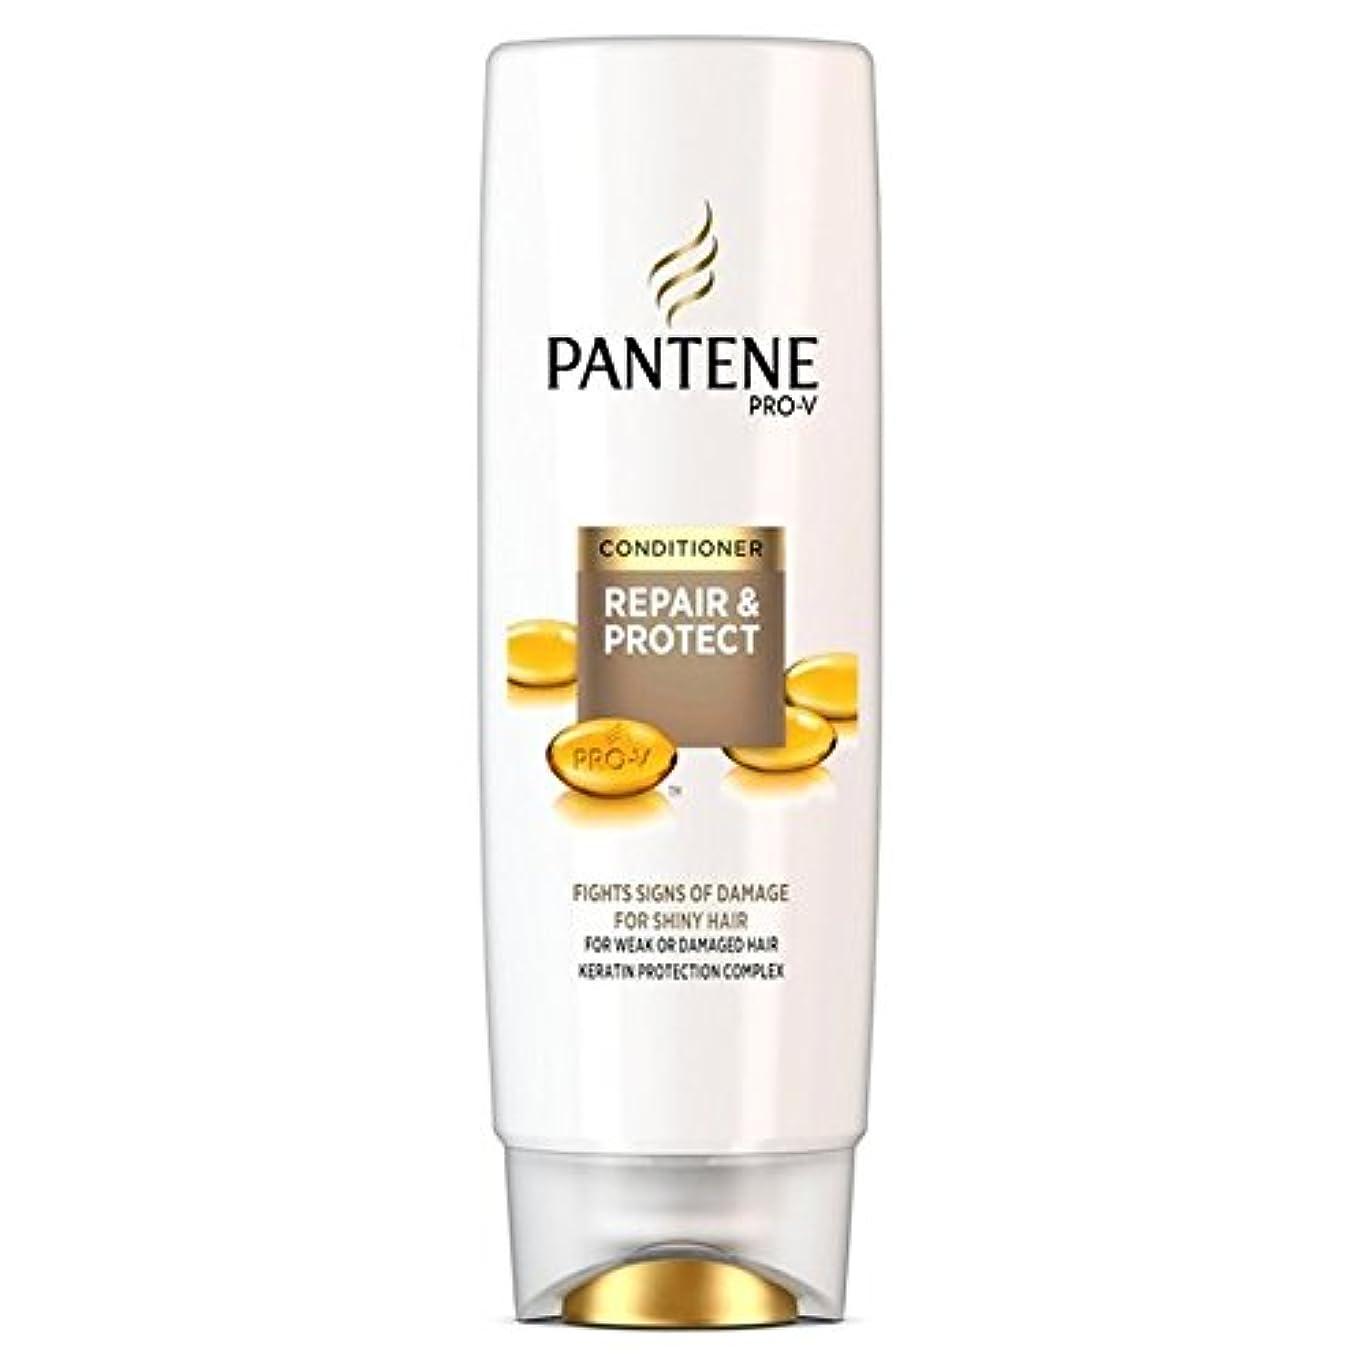 浸す剪断雄弁Pantene Conditioner Repair & Protect For Weak Or Damaged Hair 250ml - パンテーンコンディショナーの修理&弱いか、傷んだ髪の250ミリリットルのための保護...